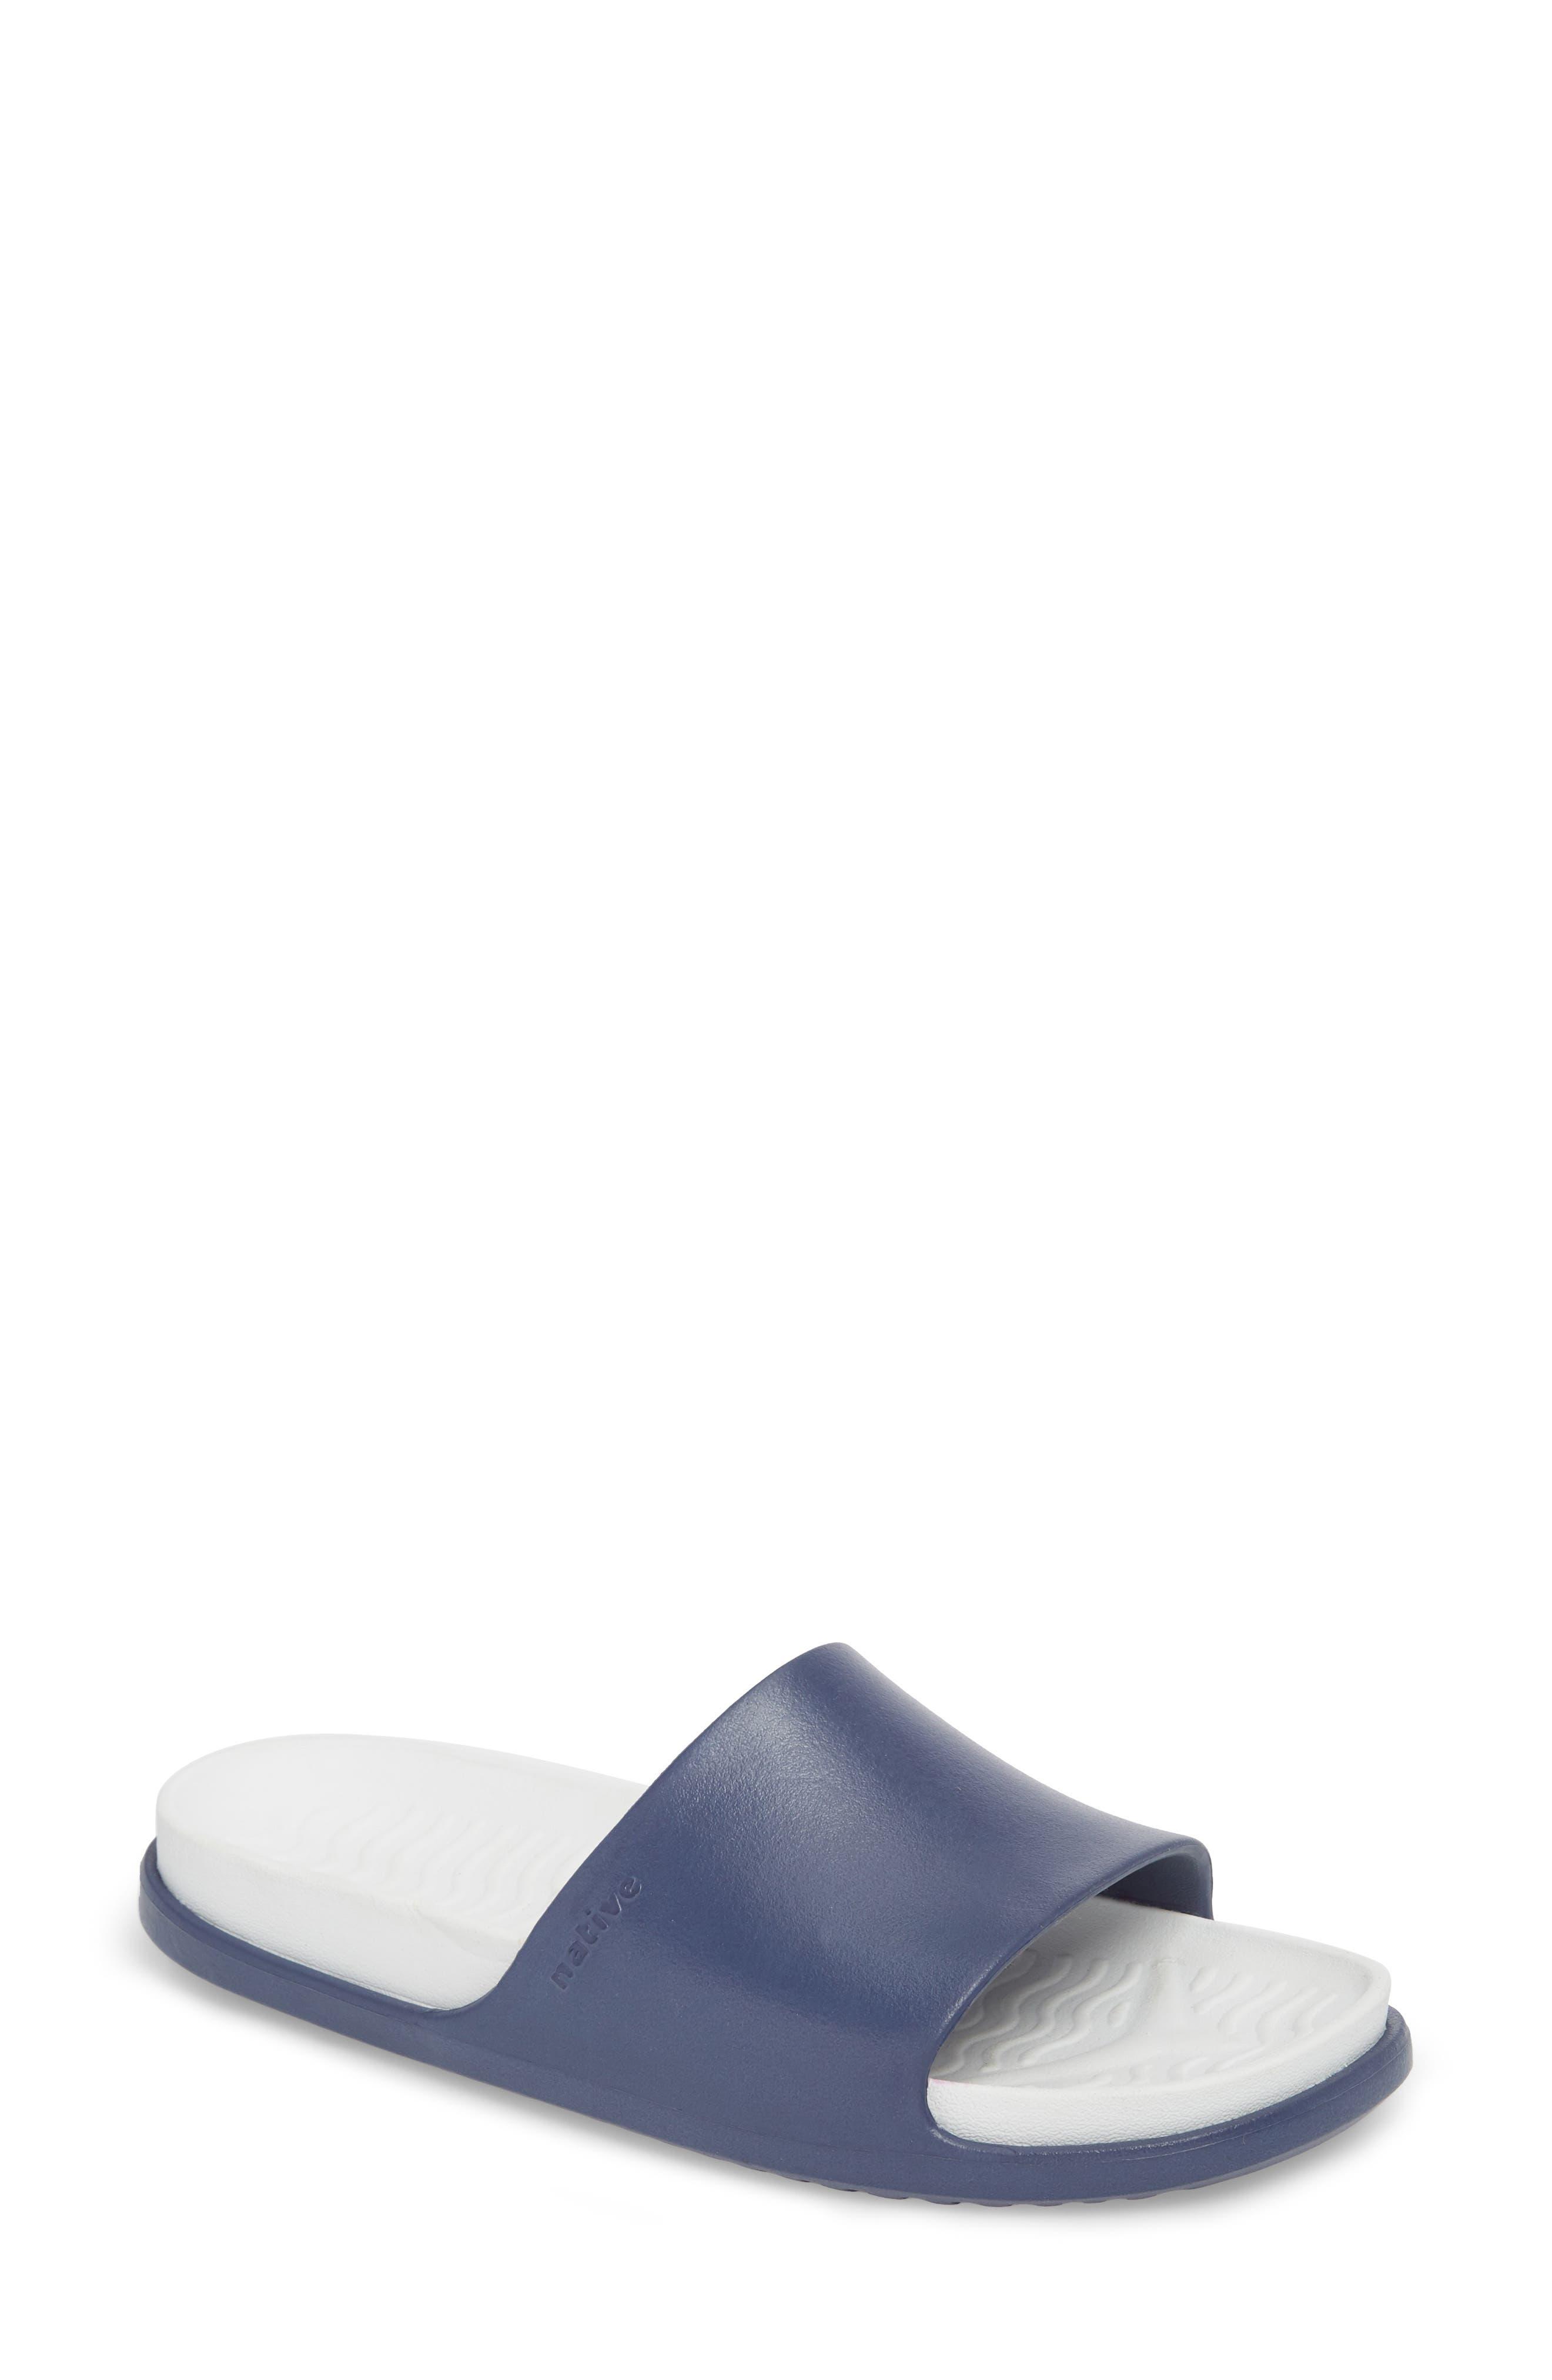 Spencer LX Sport Slide,                             Main thumbnail 1, color,                             Regatta Blue/ Shell White